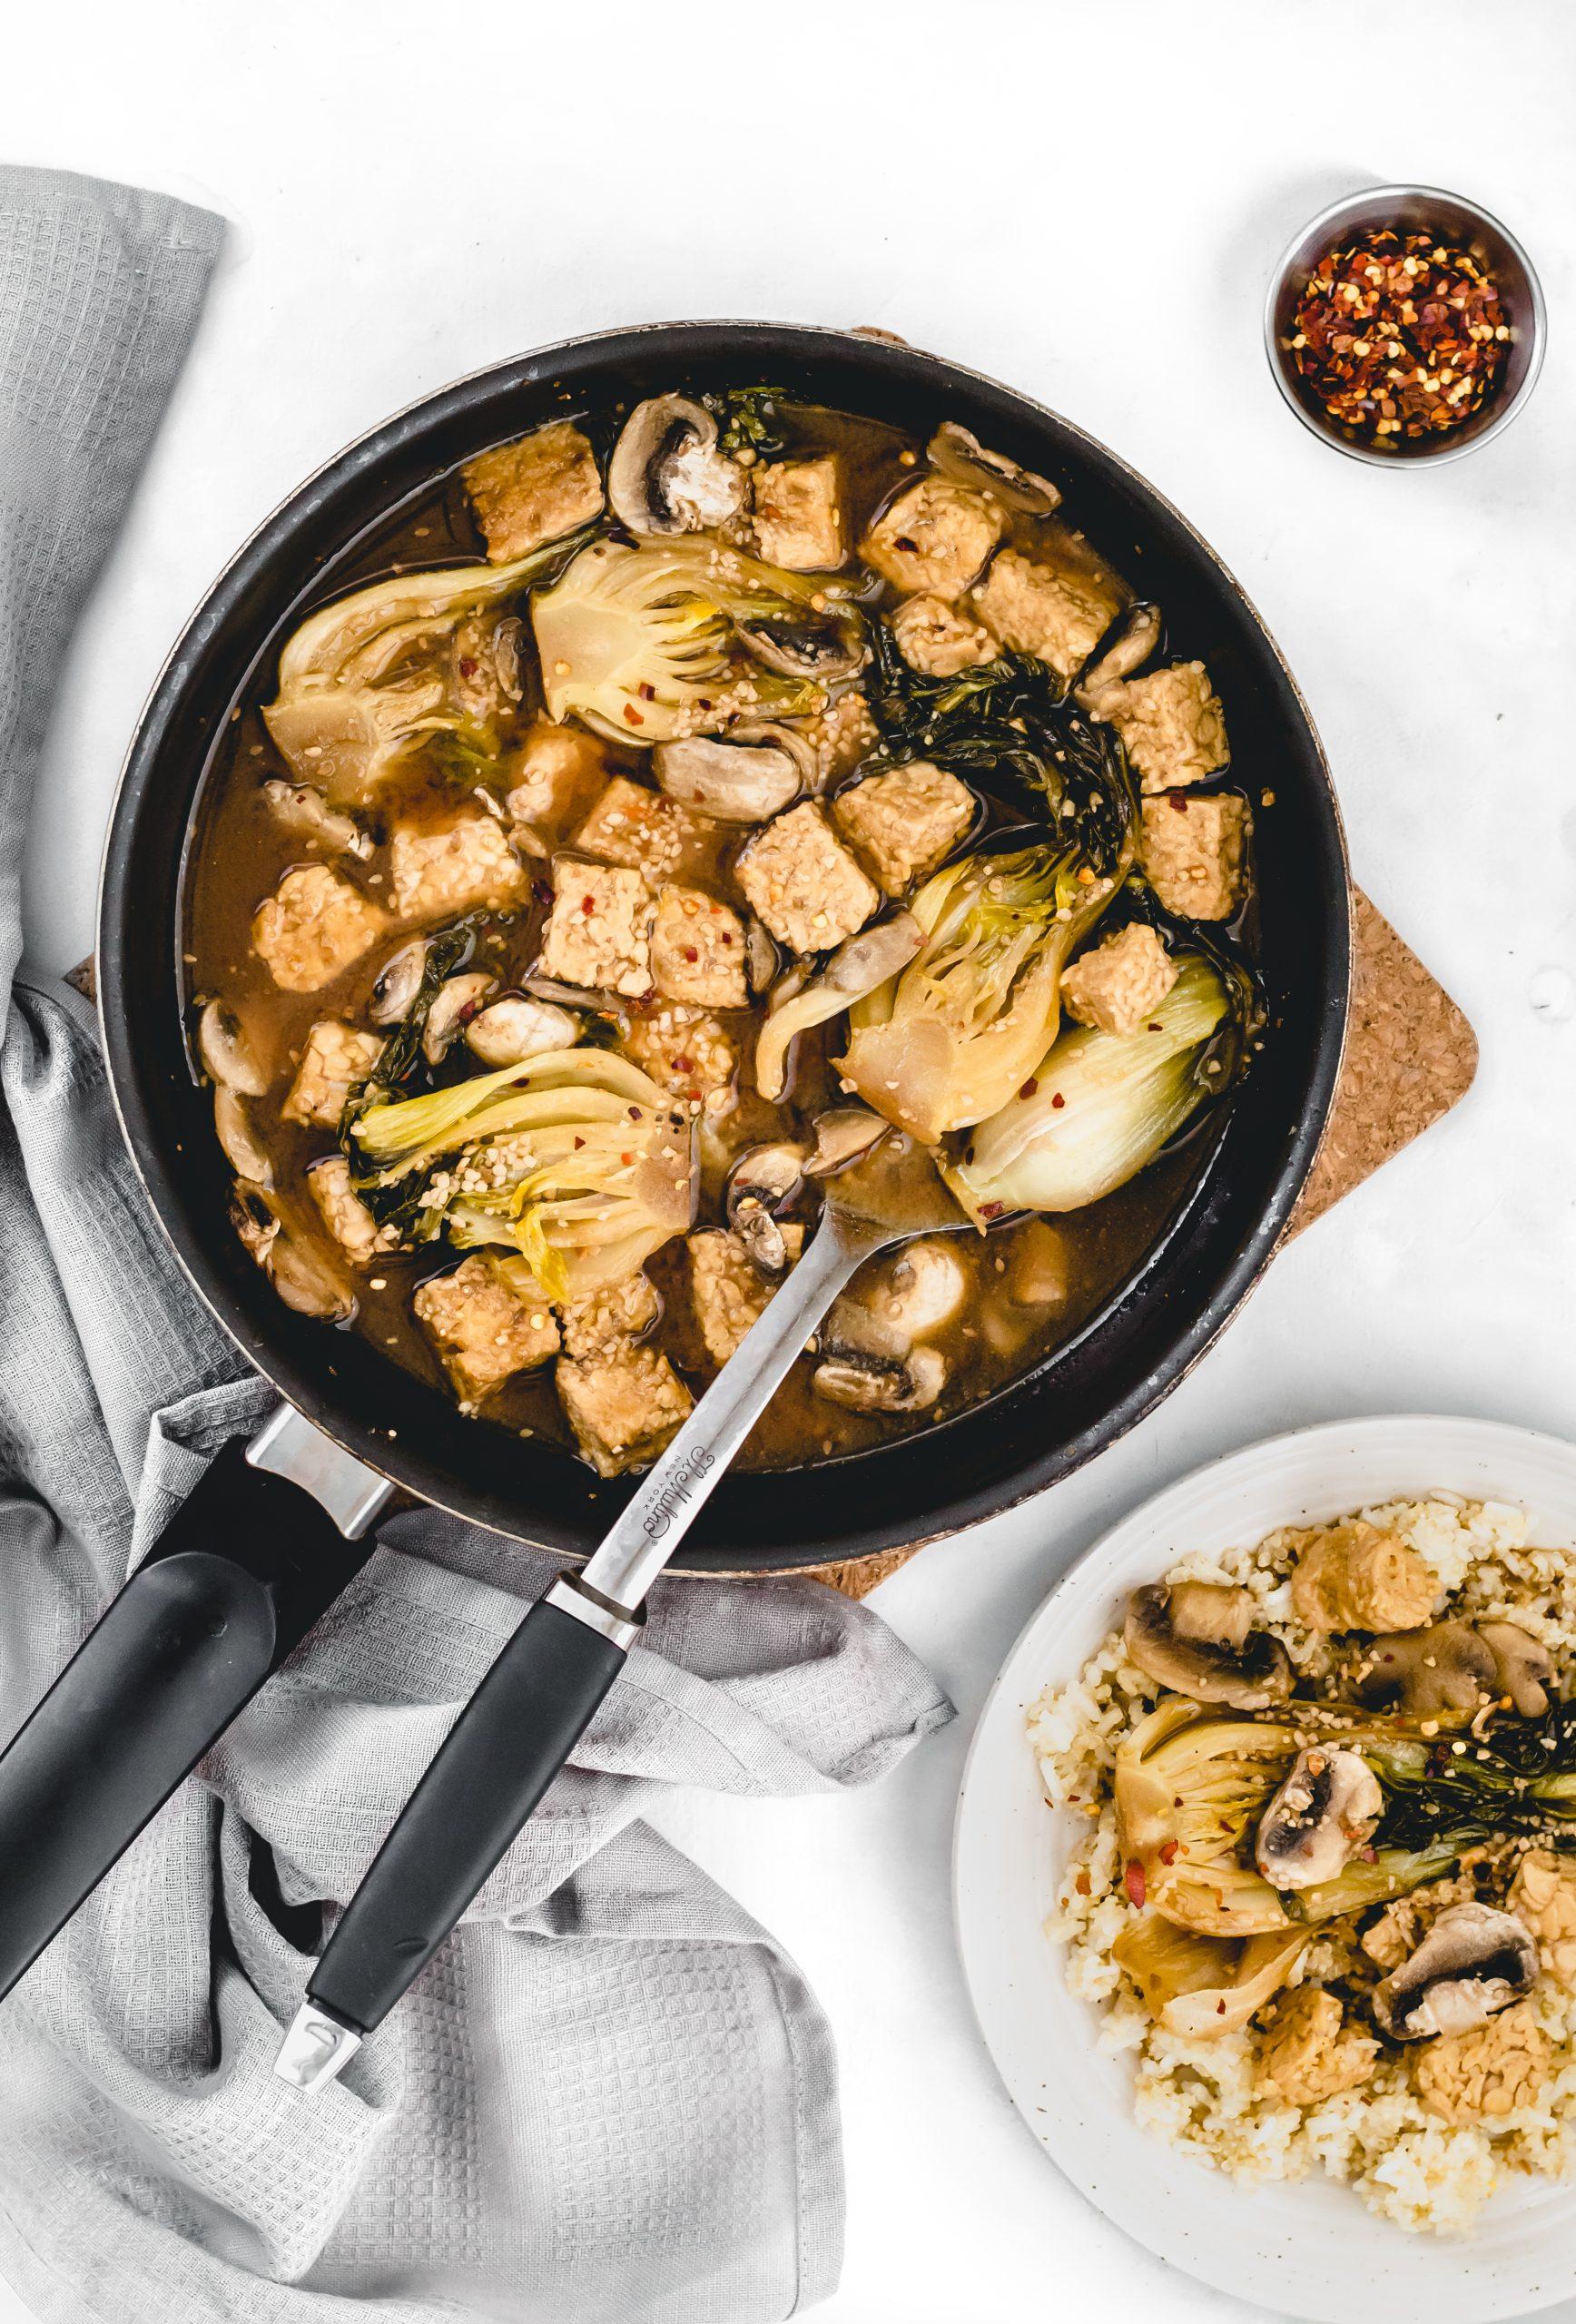 bok choy and tempeh stir fry with garlic sauce